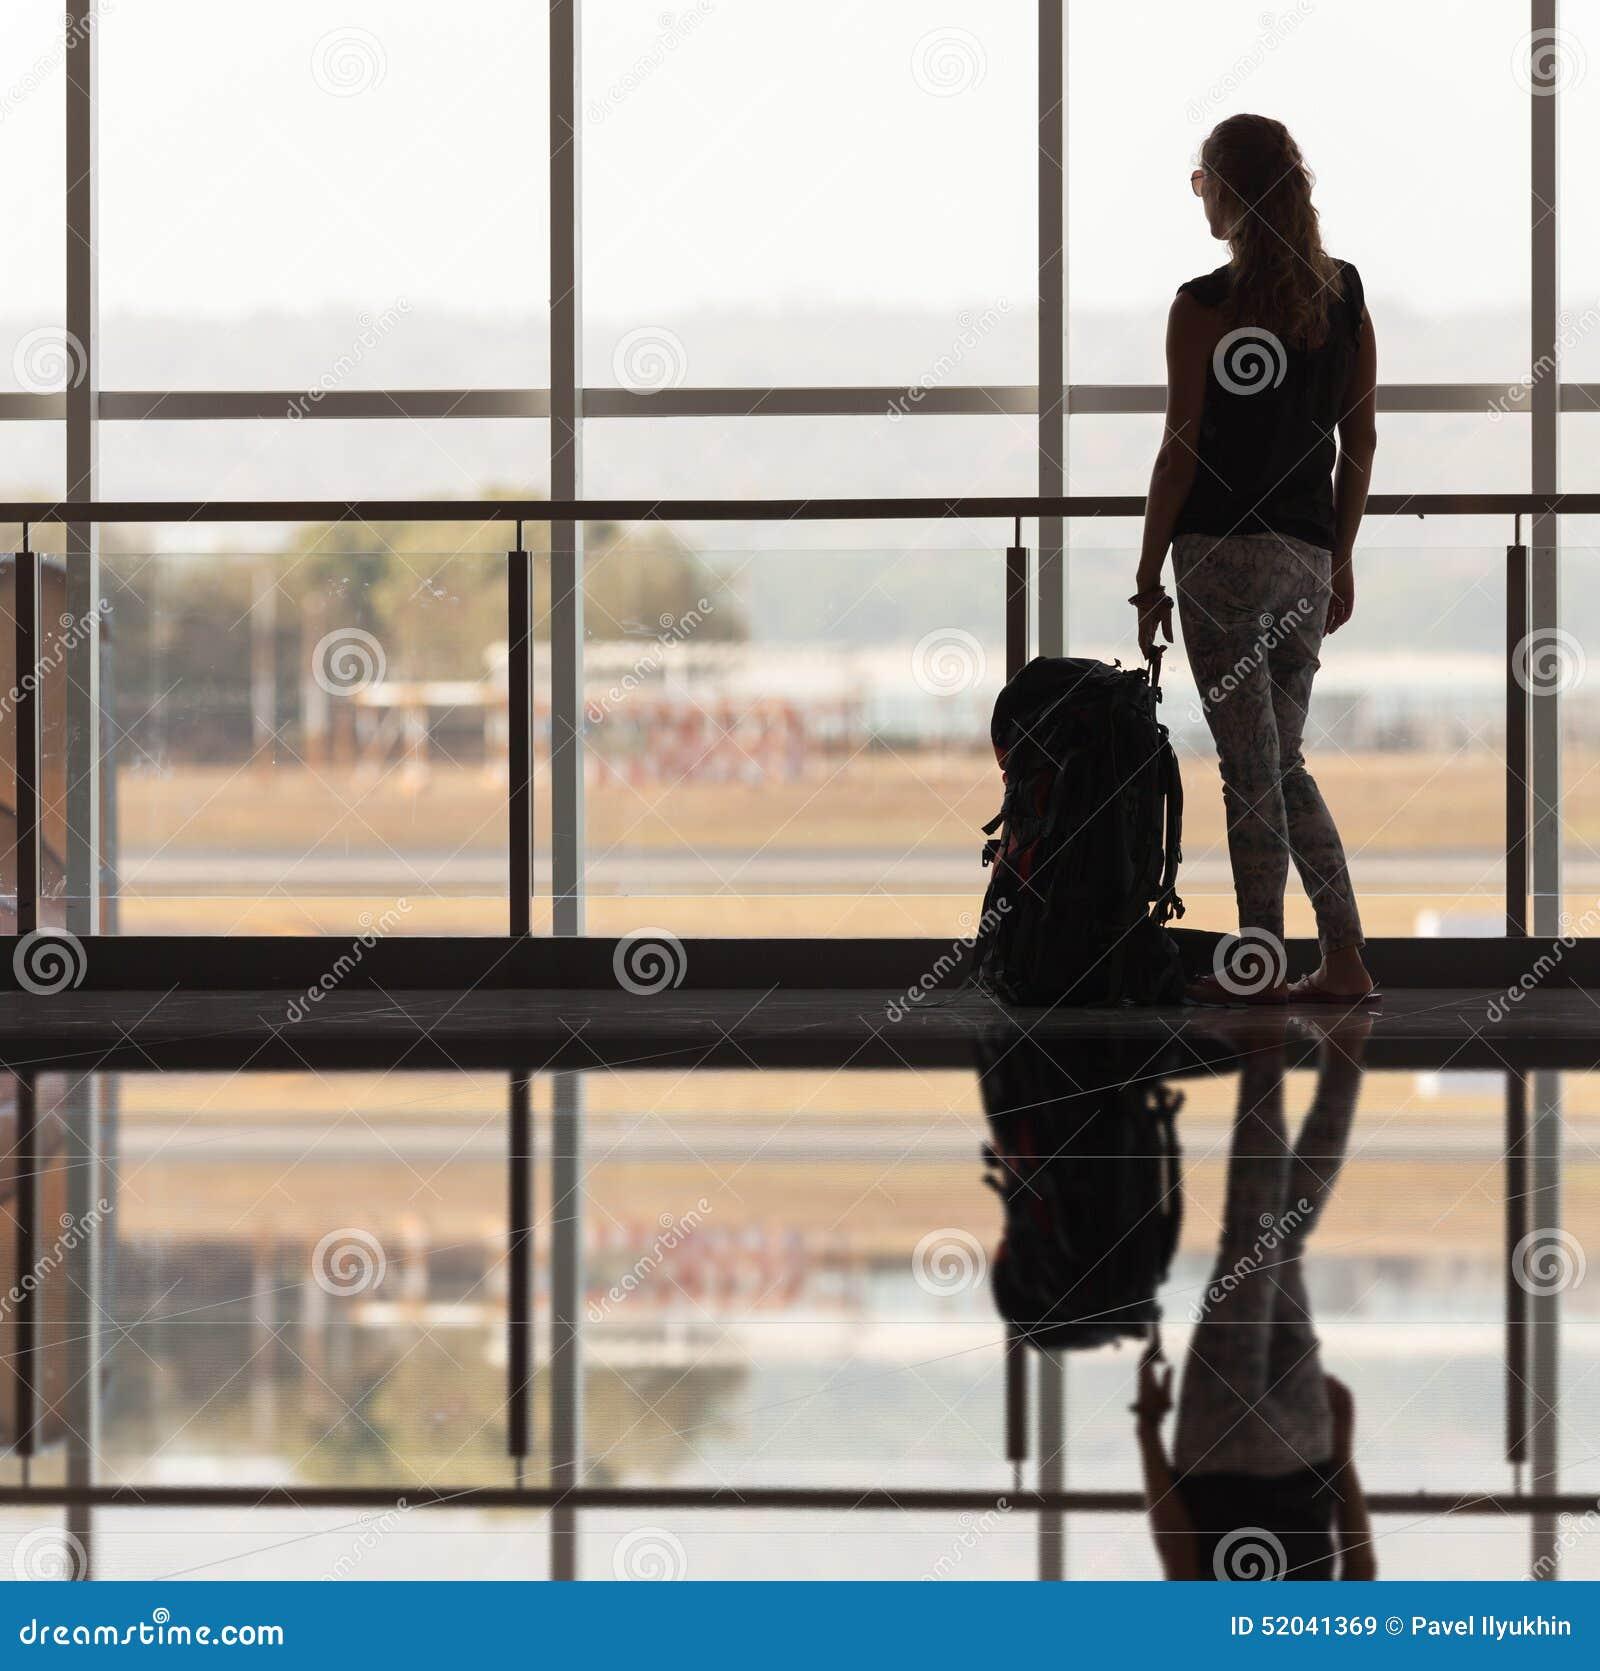 Frau trägt Ihr Gepäck am Flughafenabfertigungsgebäude